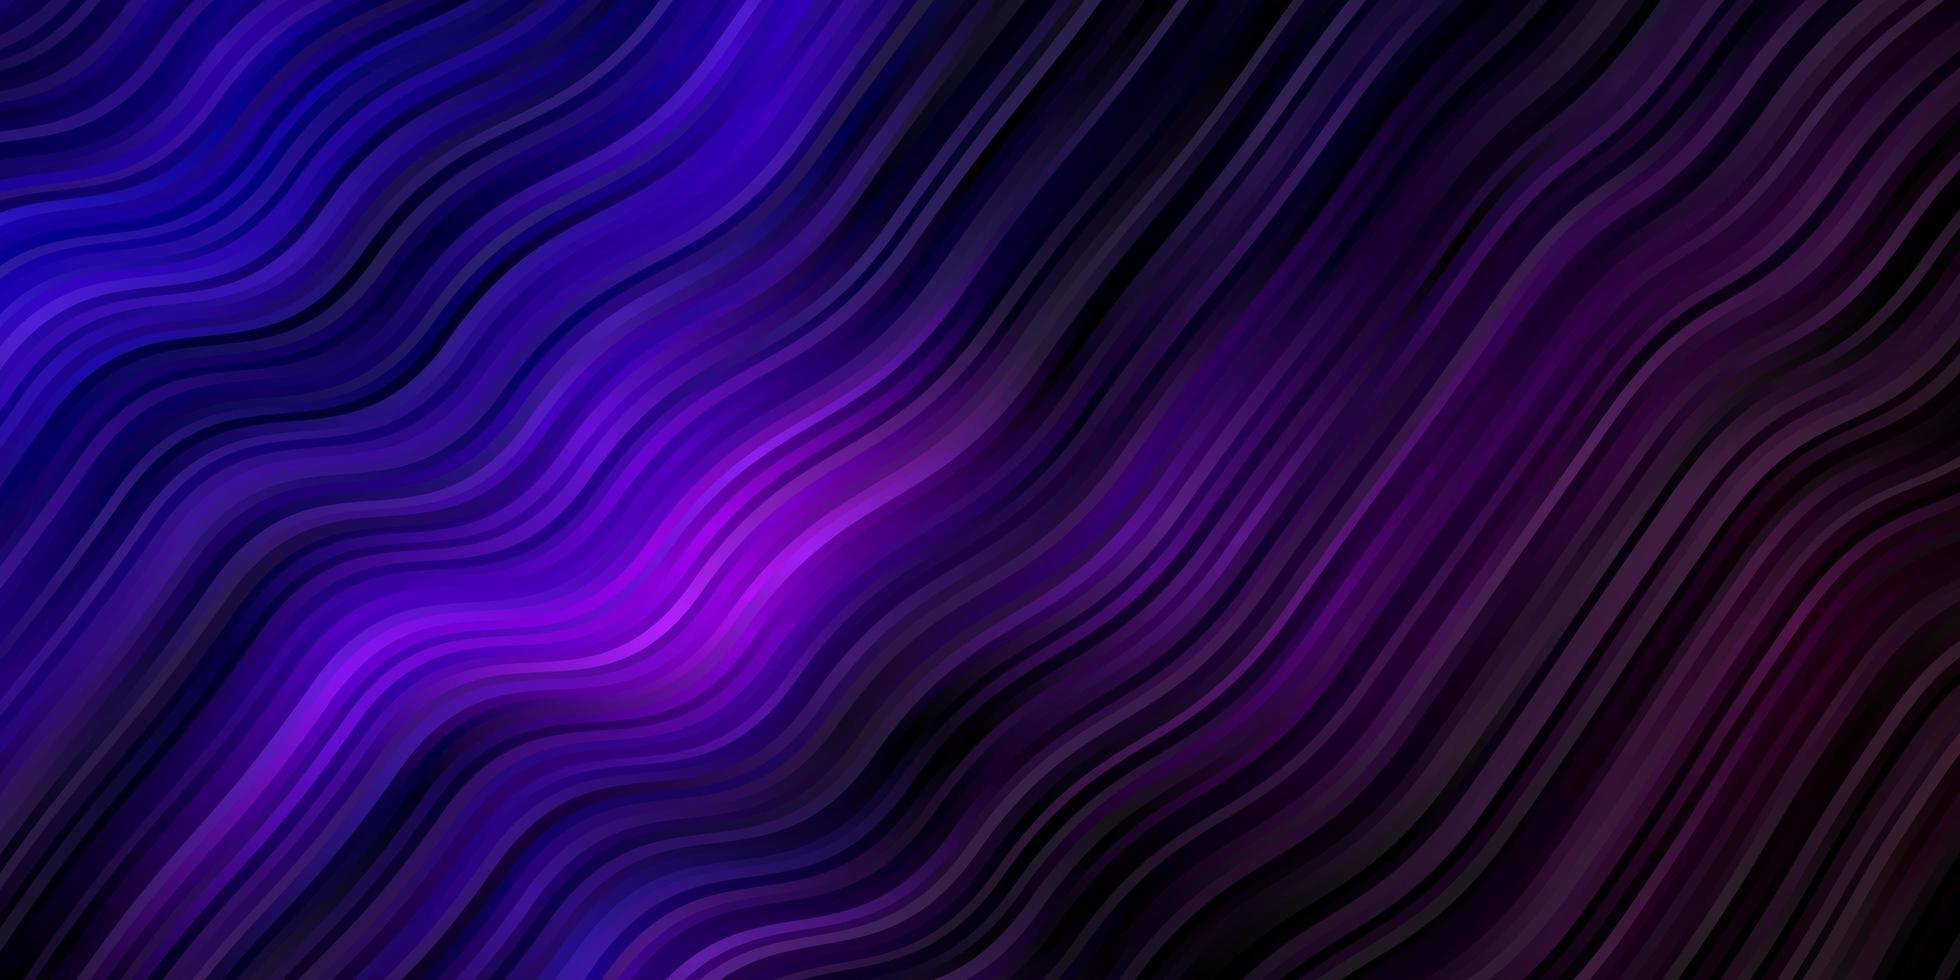 dunkelvioletter Vektorhintergrund mit gebogenen Linien. vektor